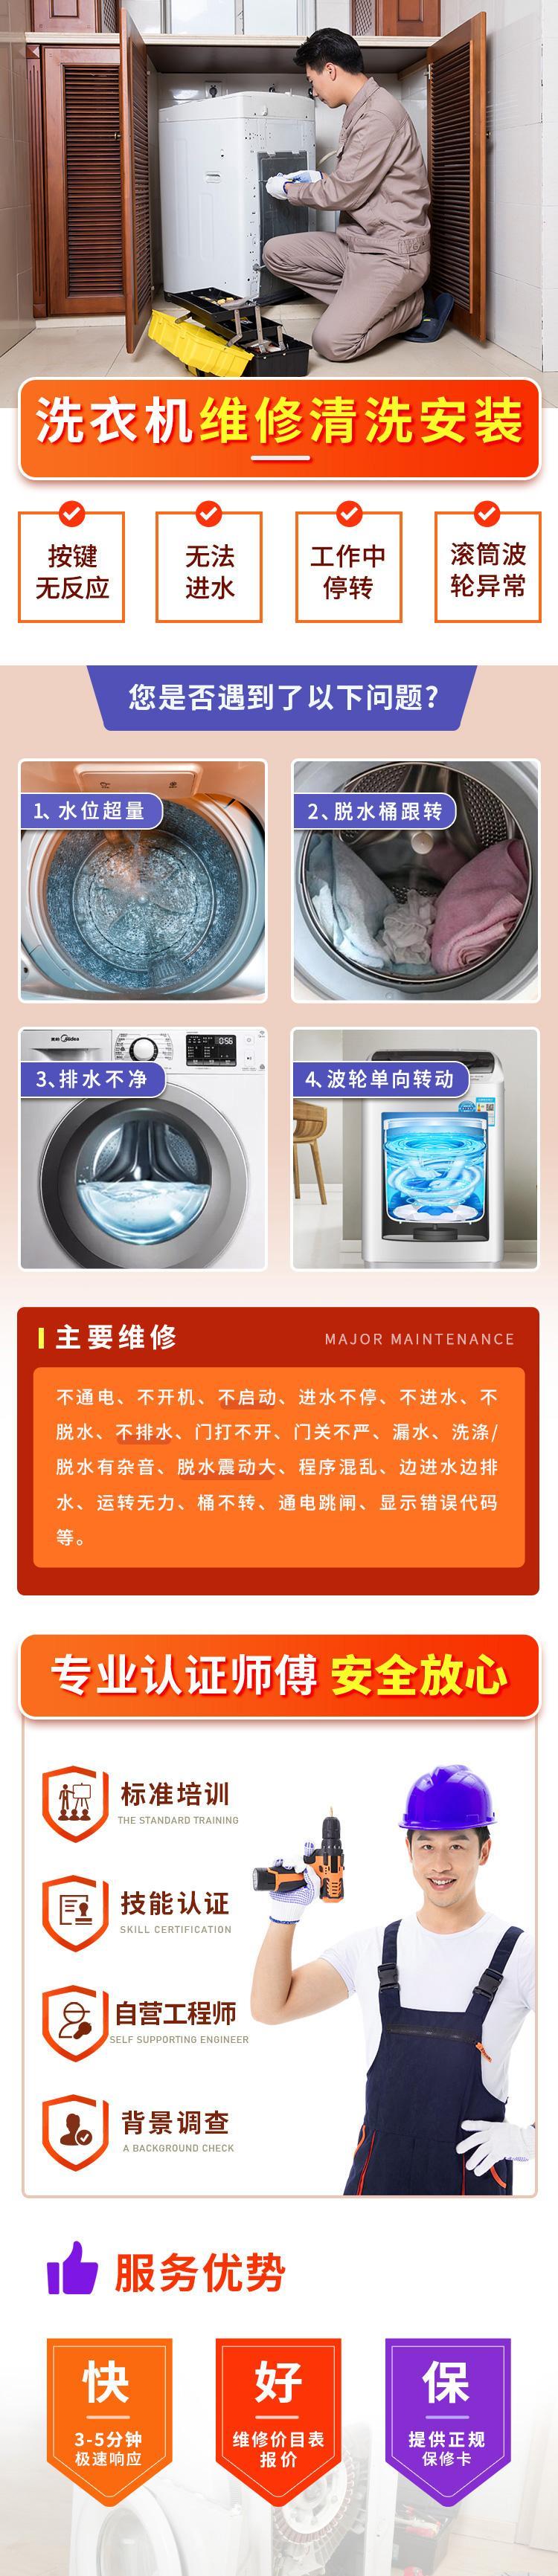 非啄木鸟-洗衣机维修.jpg